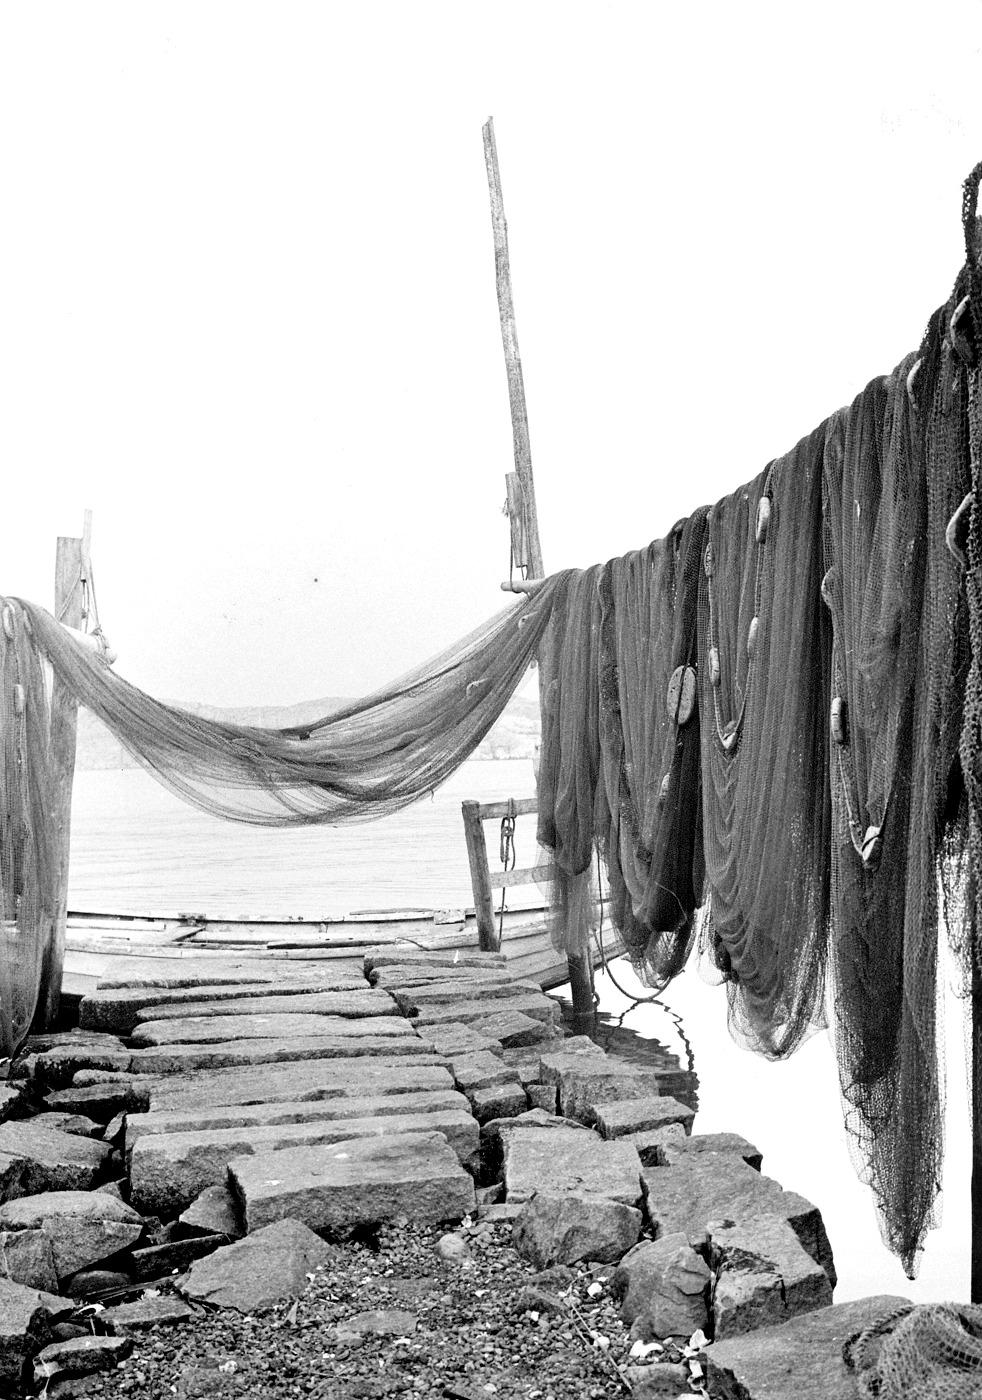 Foto Claes Funck 1963. Ögnevad på tork vid Östens brygga mellan Bäckebro och Ångbåtsbrygga. Ögna är agnsill.